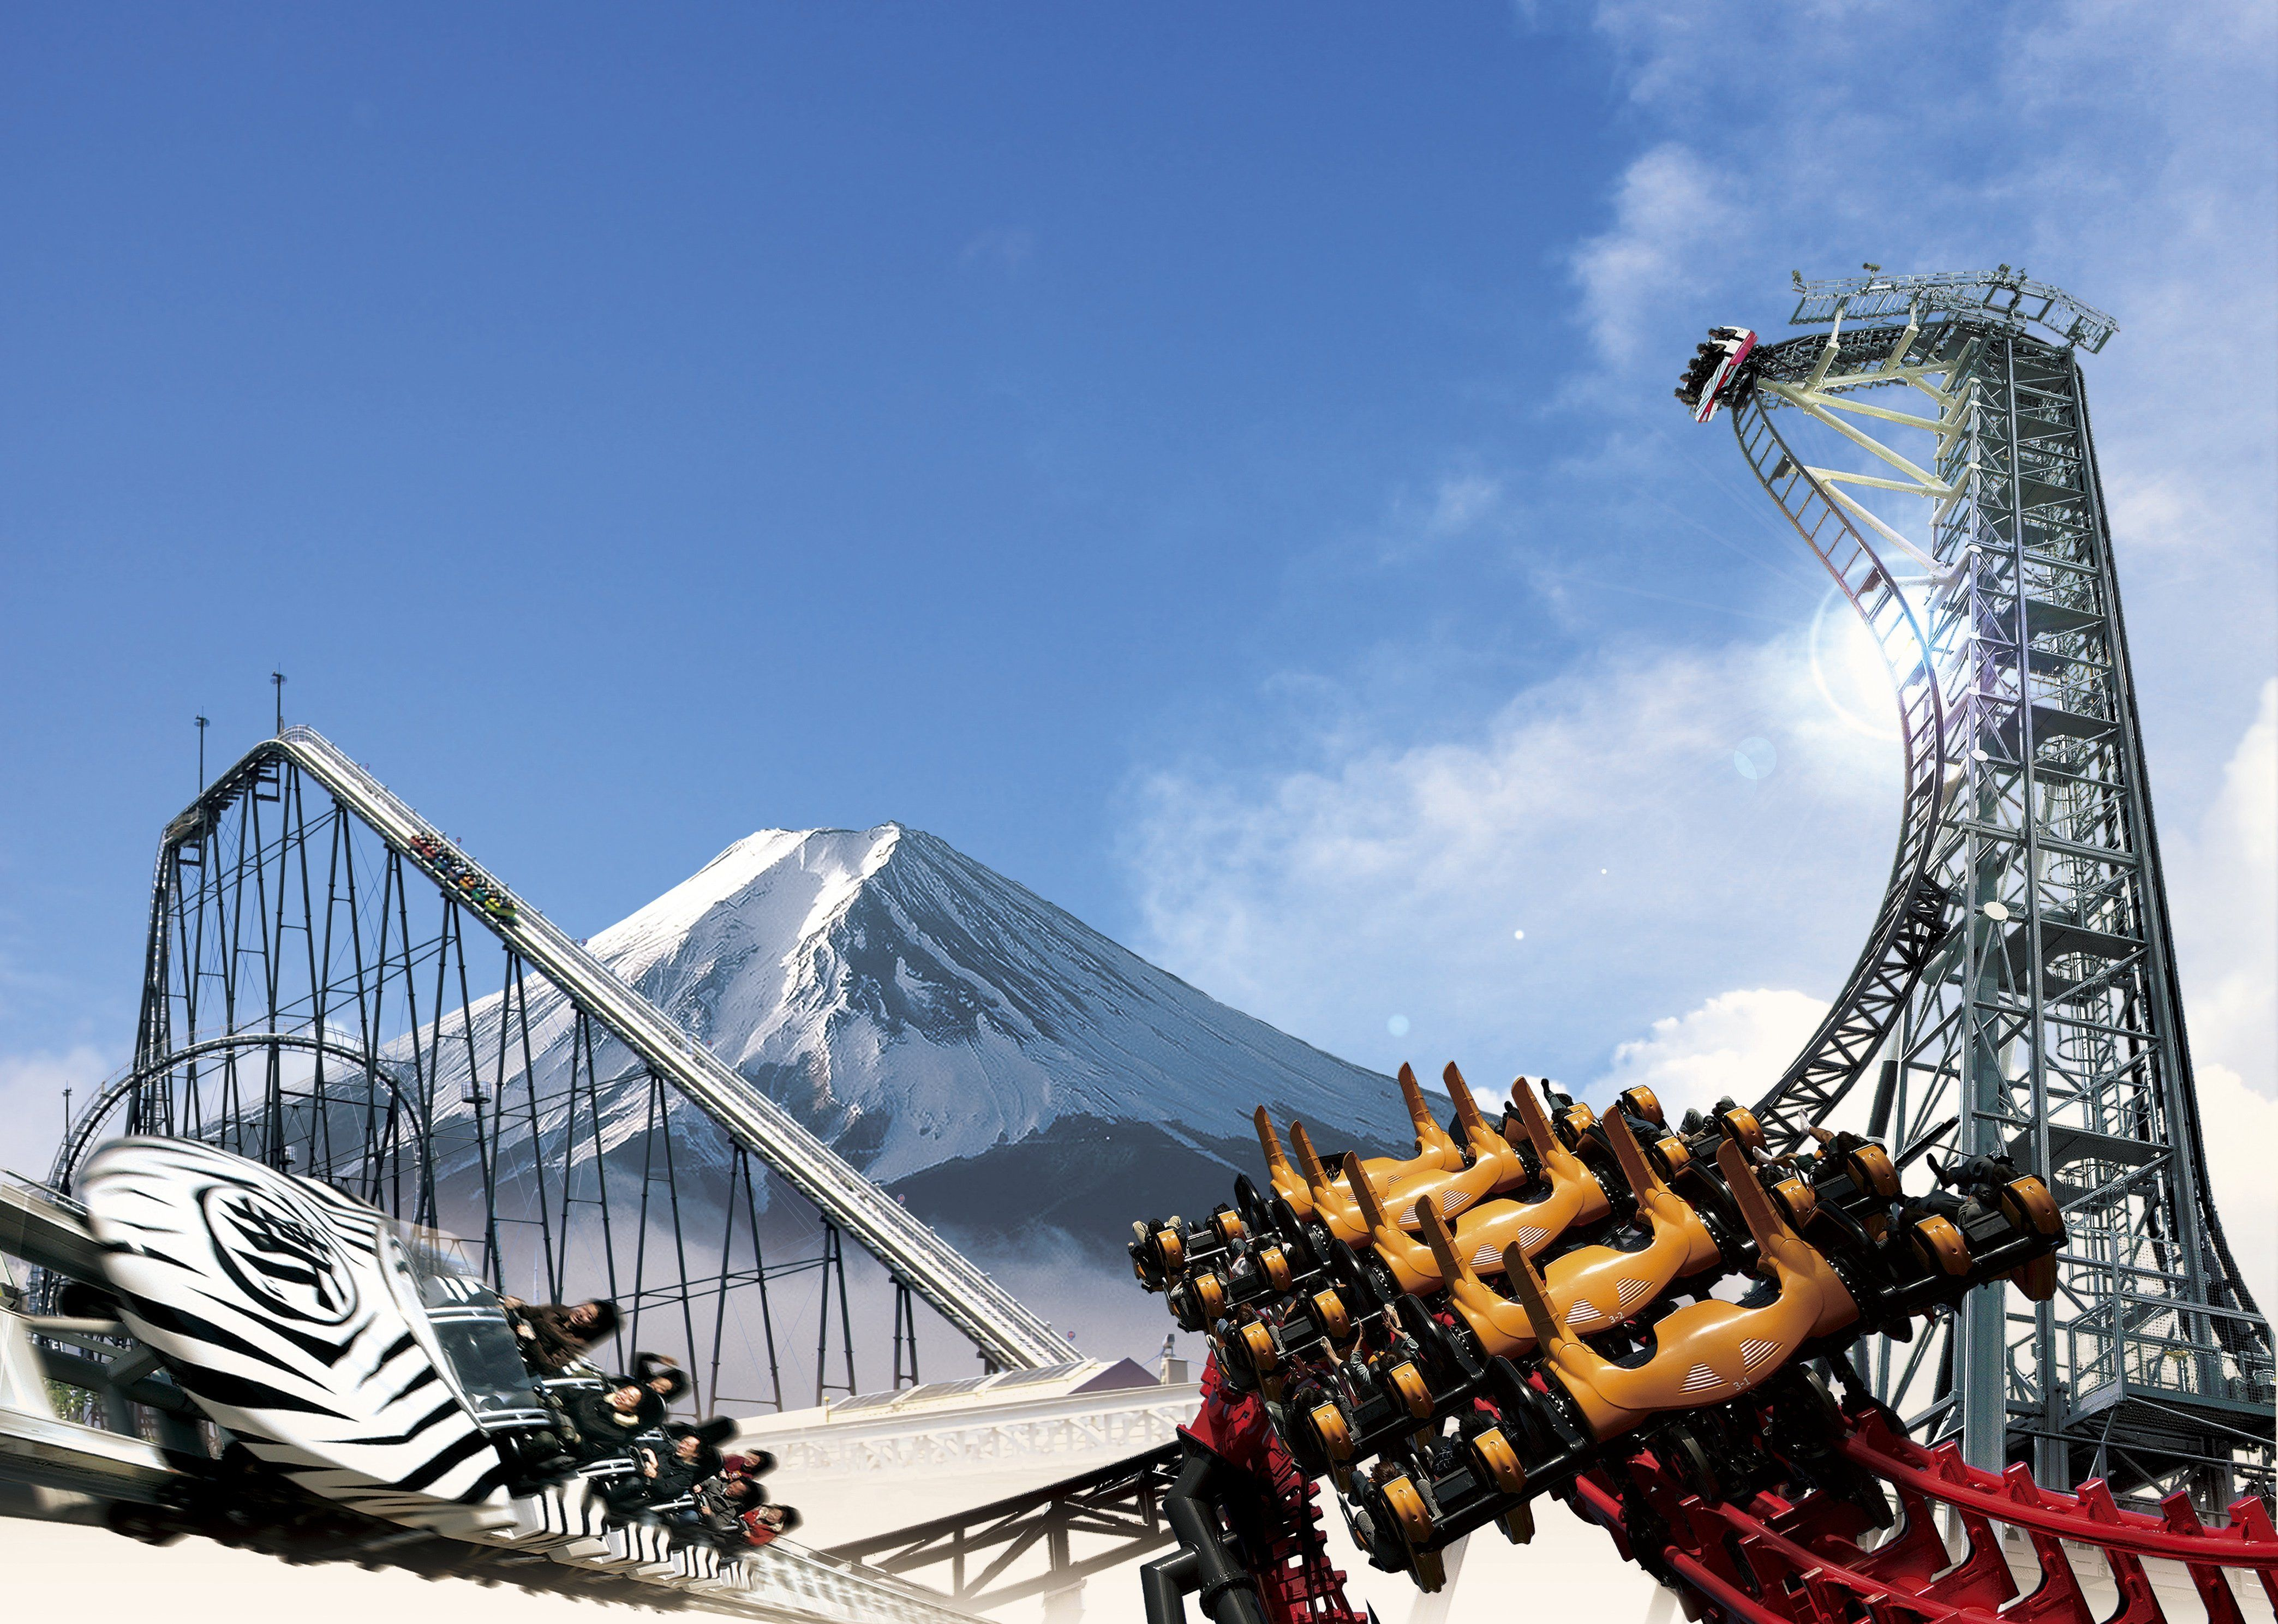 富士急ハイランド周辺のホテルおすすめ7選!人気で安い宿でゆっくり!